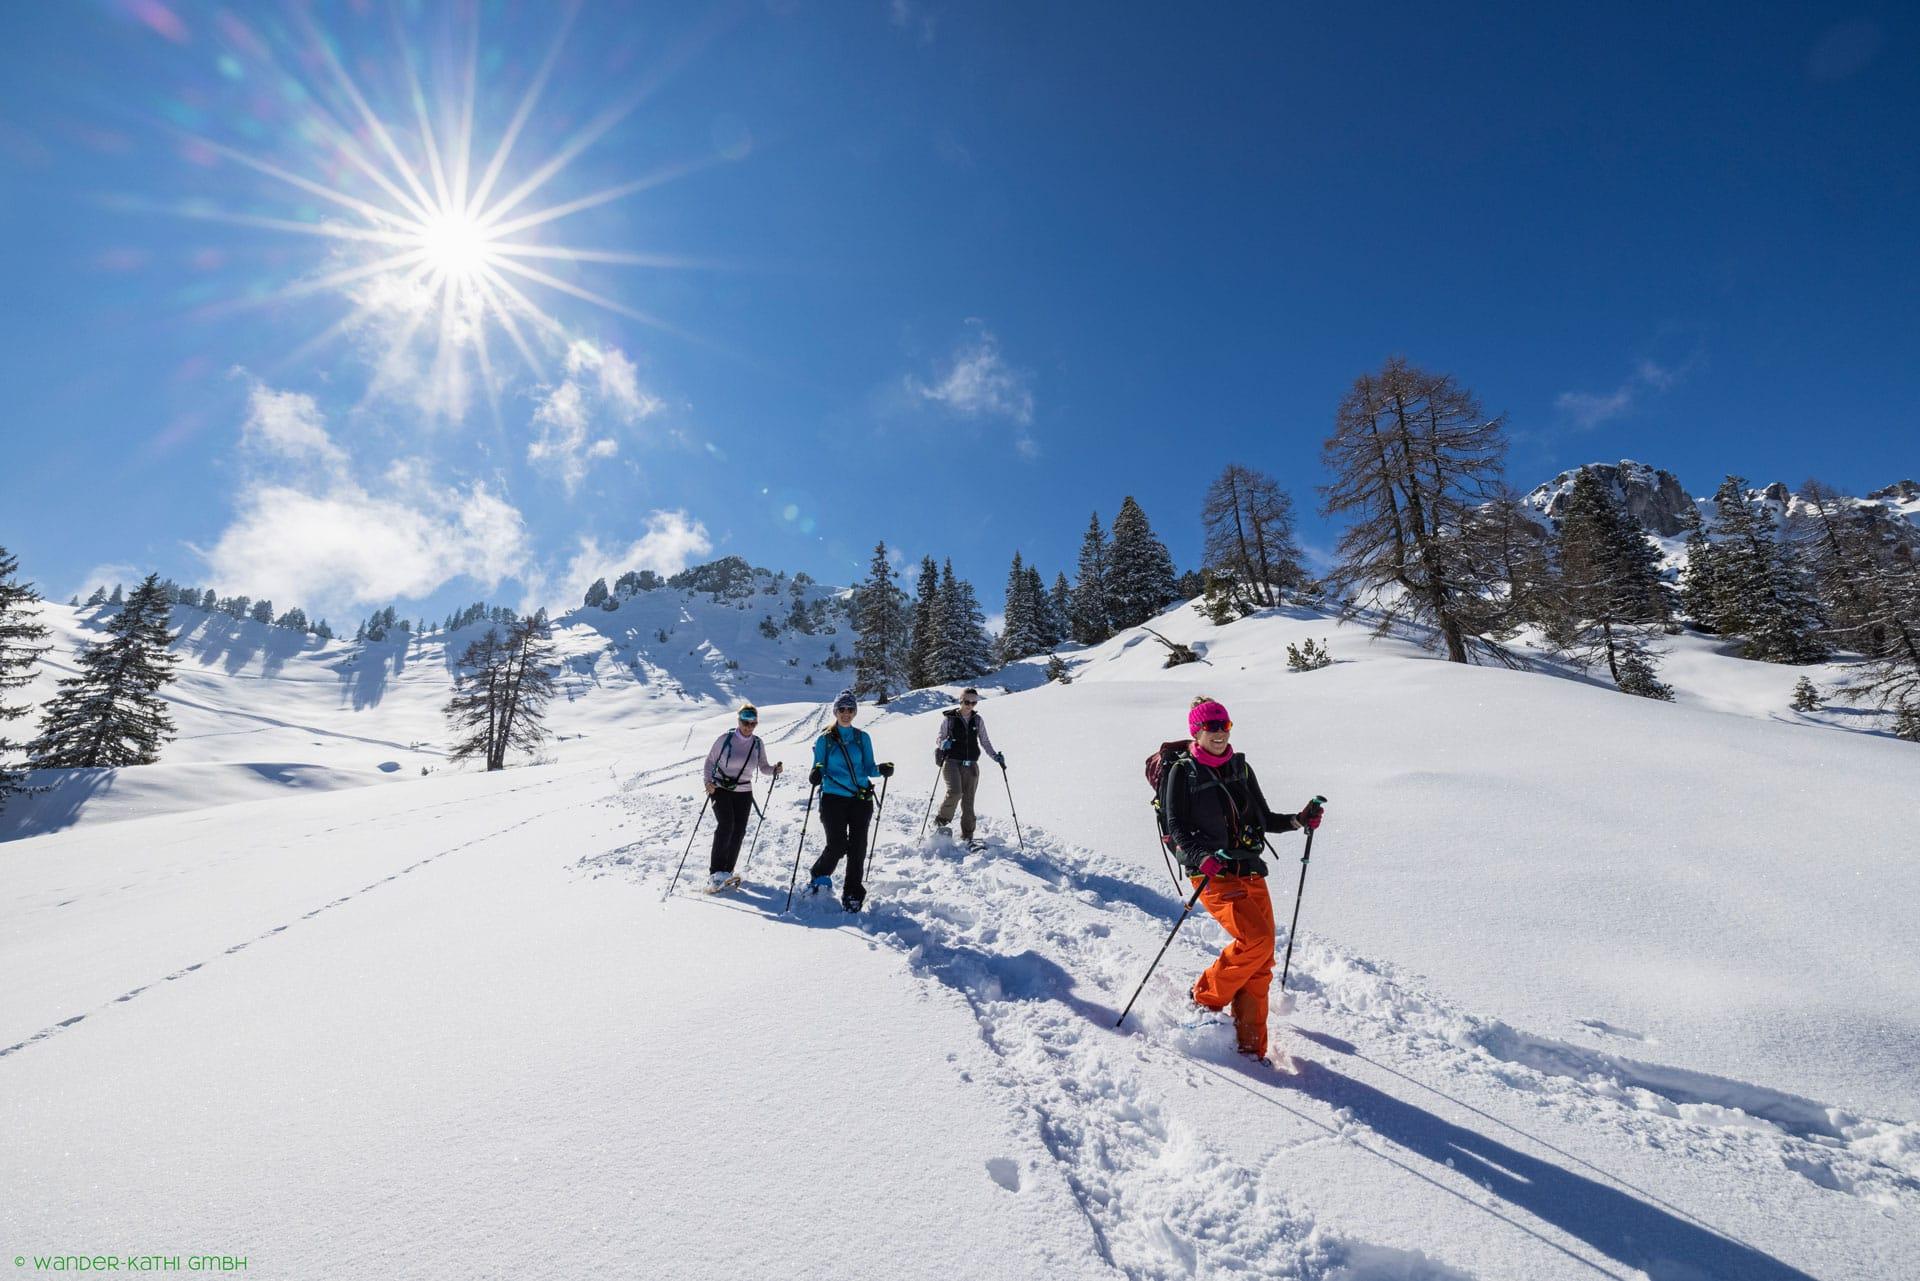 liechtenstein-wandern-teambuilding-schneeschuhtour-wander-kathi